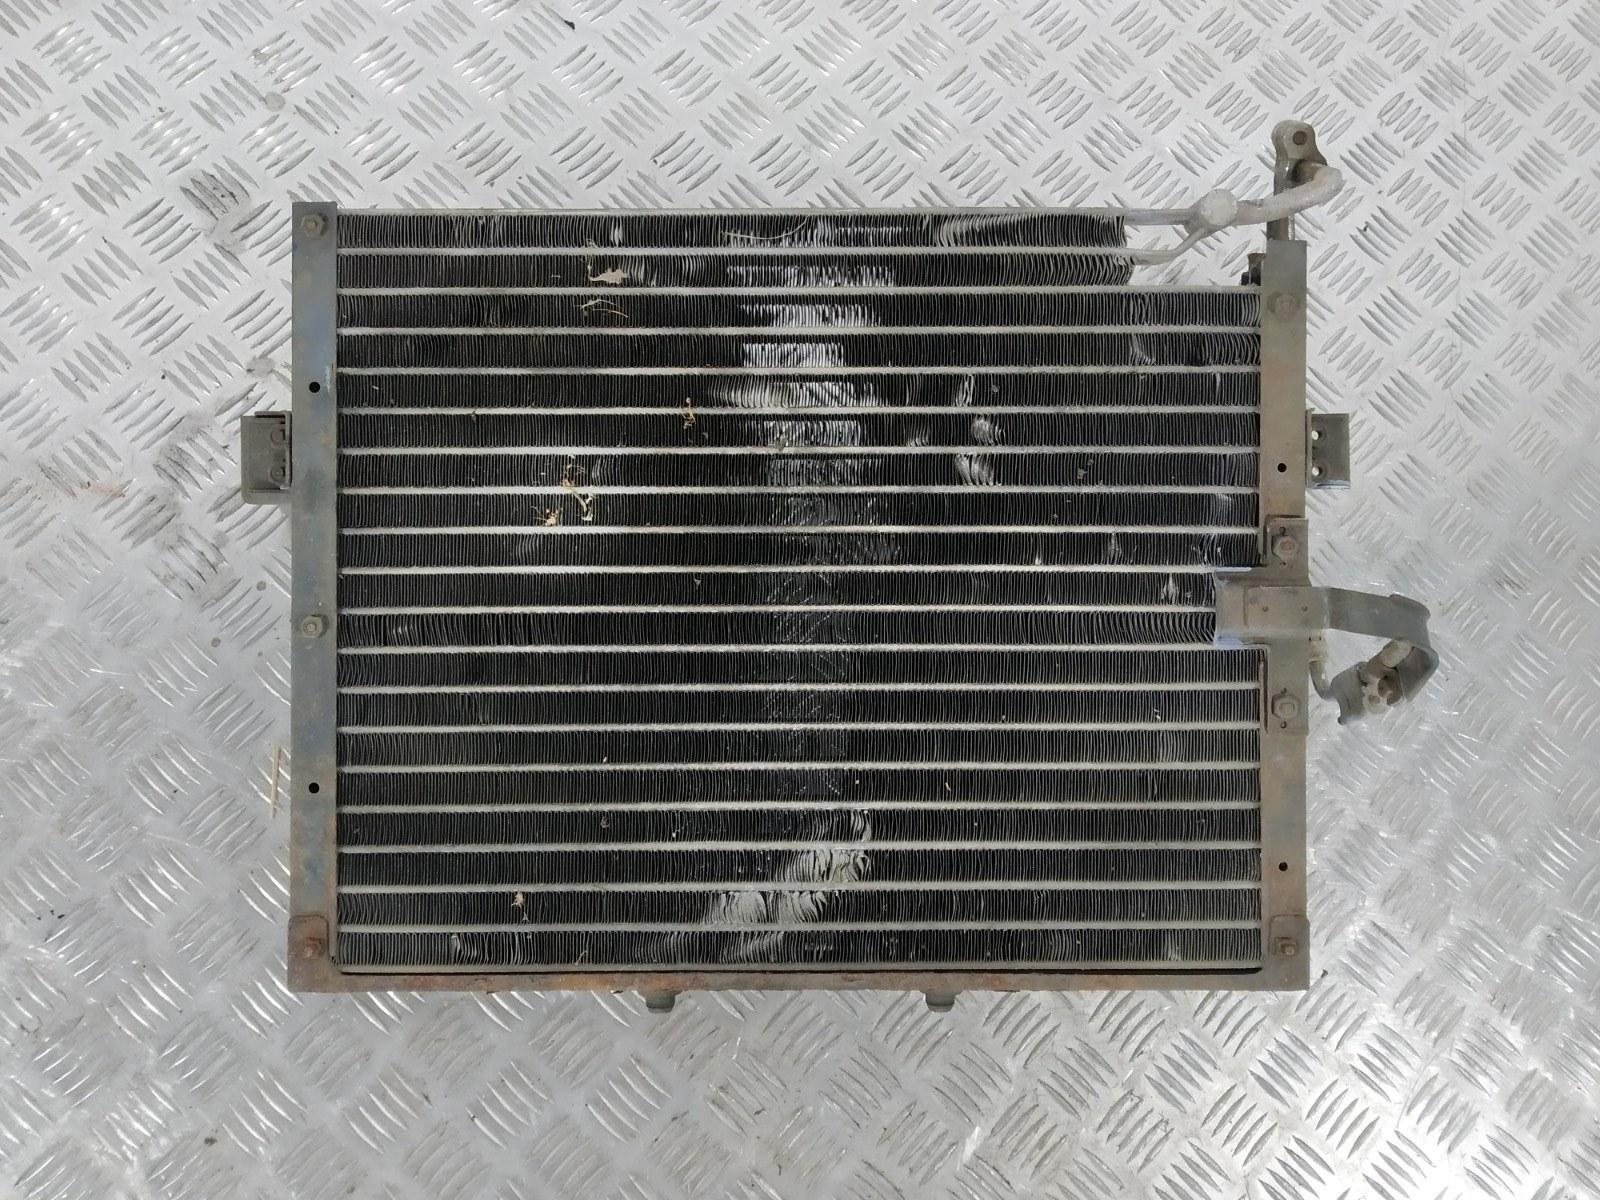 Радиатор кондиционера Kia Sportage 2.0 I 2003 (б/у)